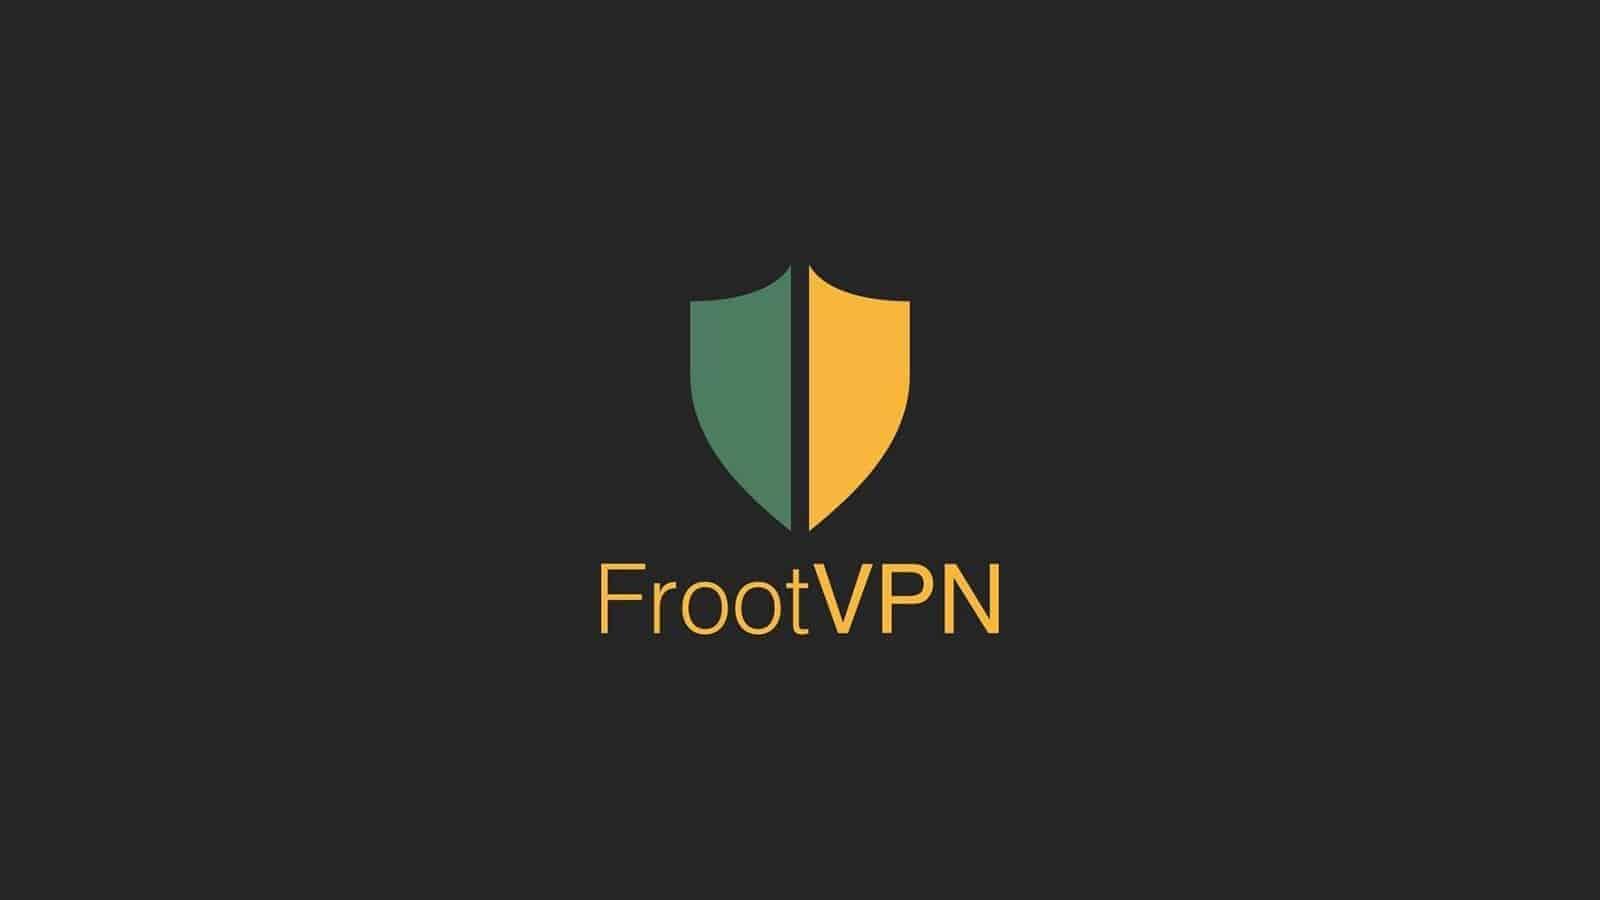 FrootVPN (3.33)